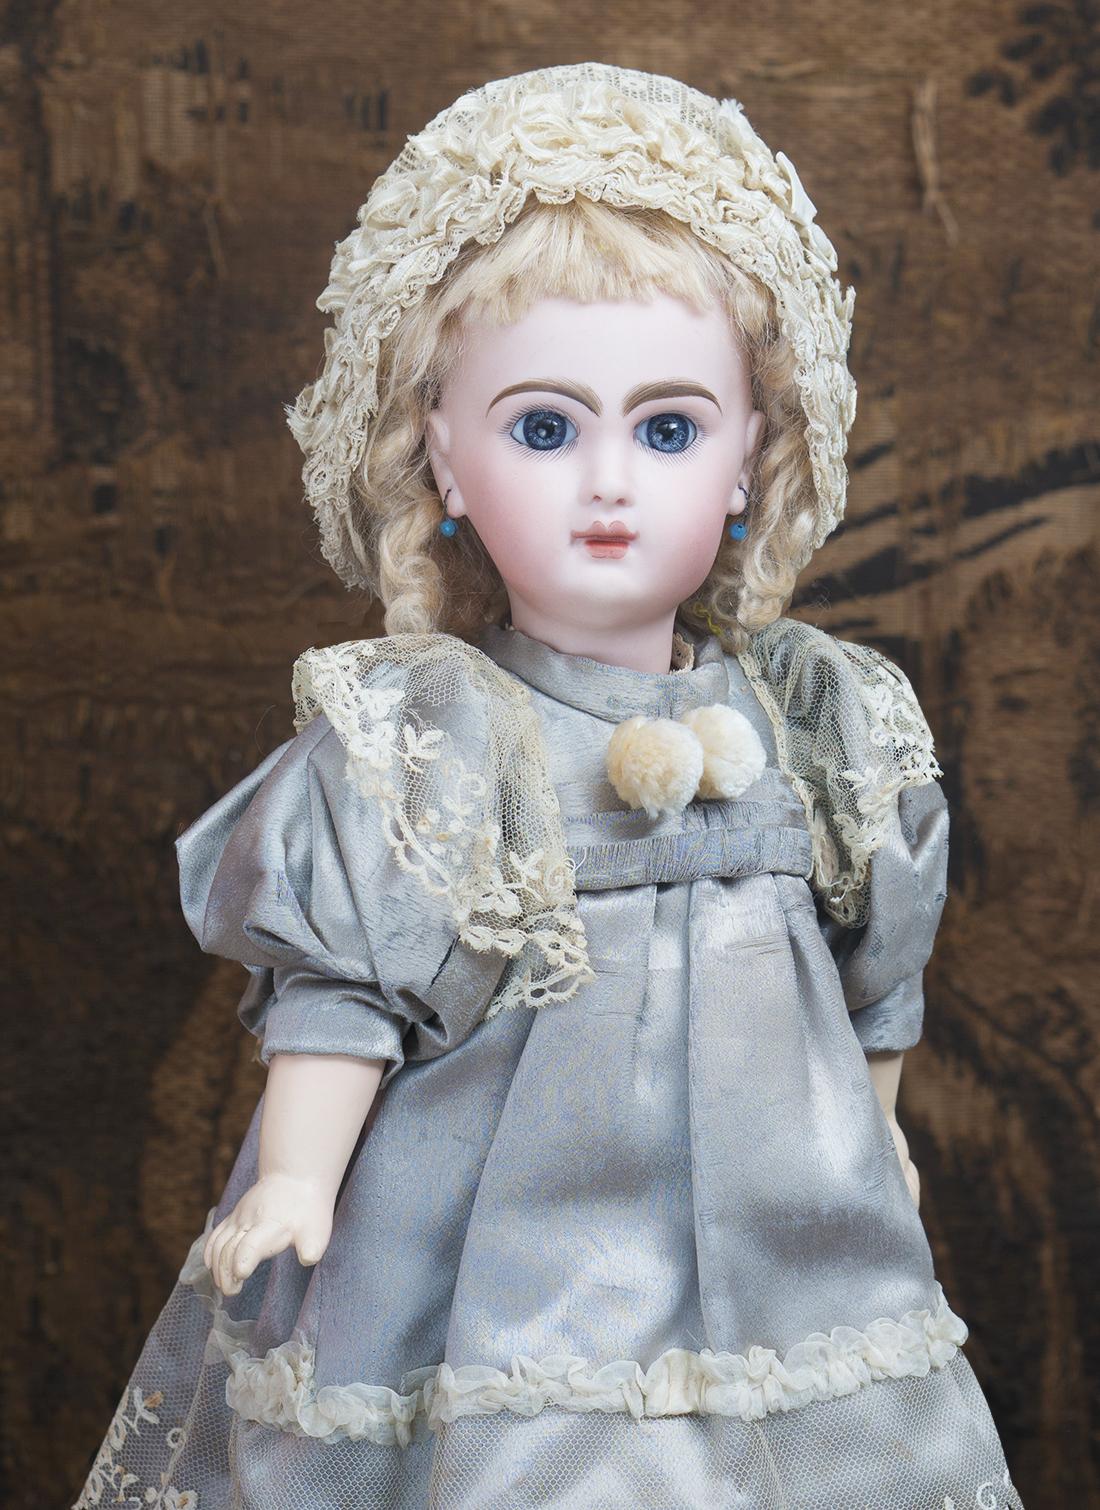 38см Jumeau Bebe  с закрытым ртом, в оригинальном платье